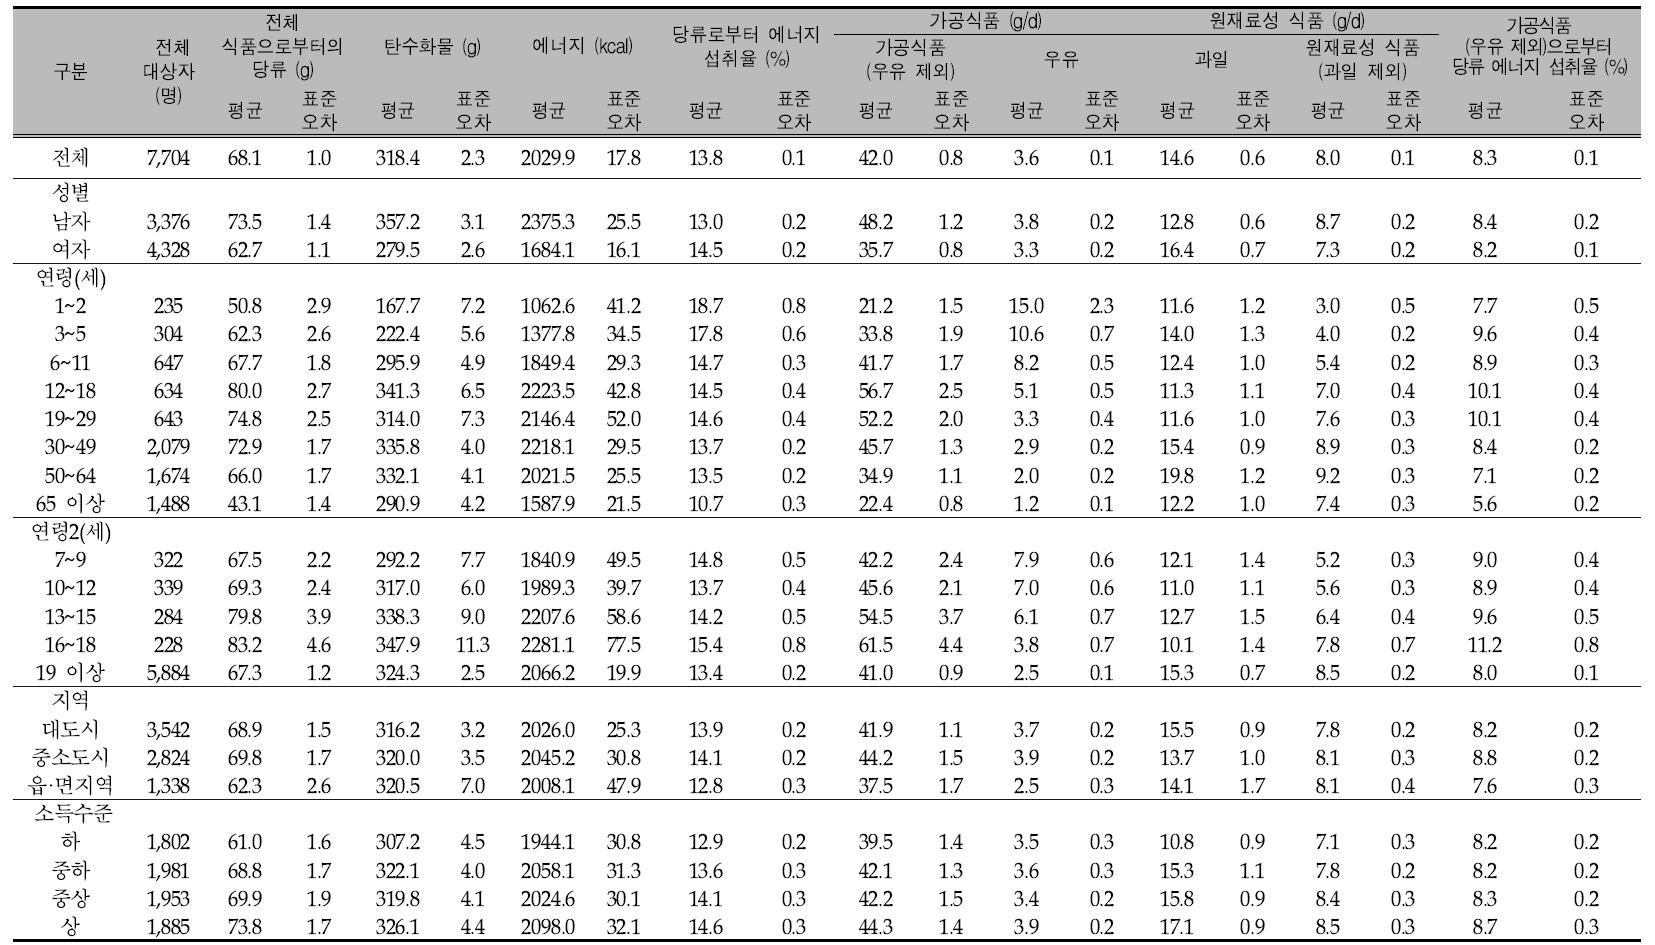 우리 국민의 1인1일 평균 당류 섭취량(성별, 연령별, 지역별, 소득수준별): 국민건강영양조사 2011년